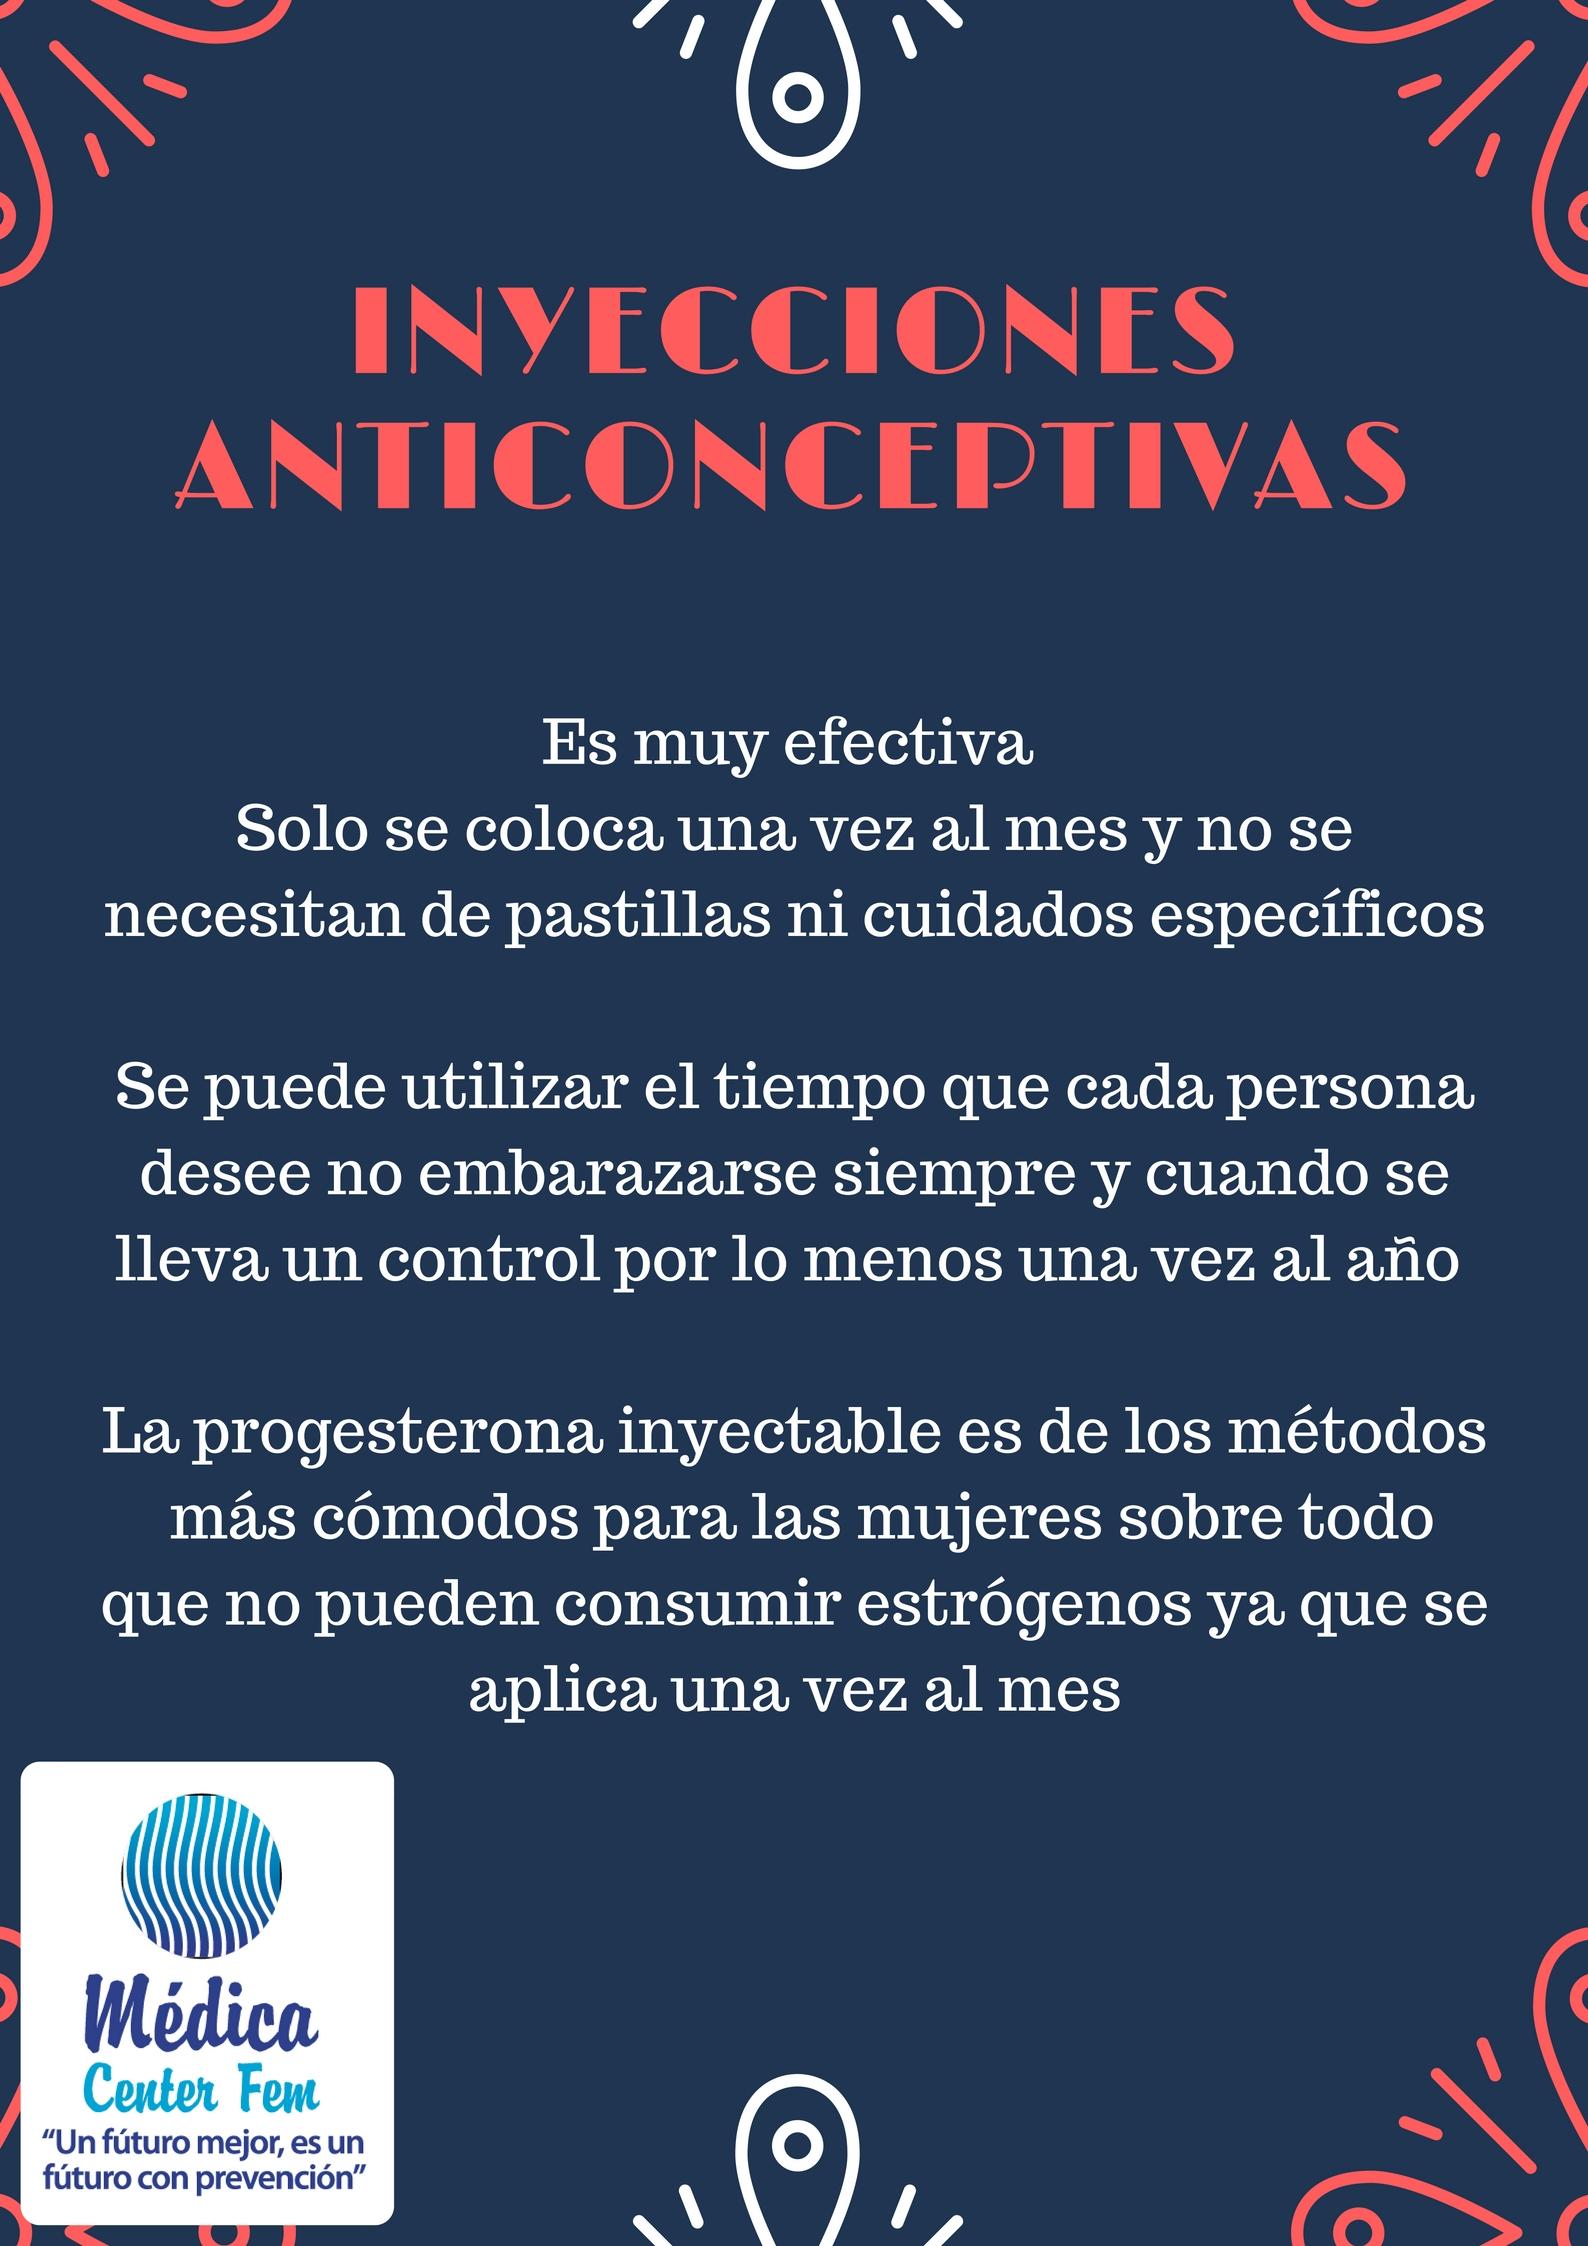 Inyecciones anticonceptivas